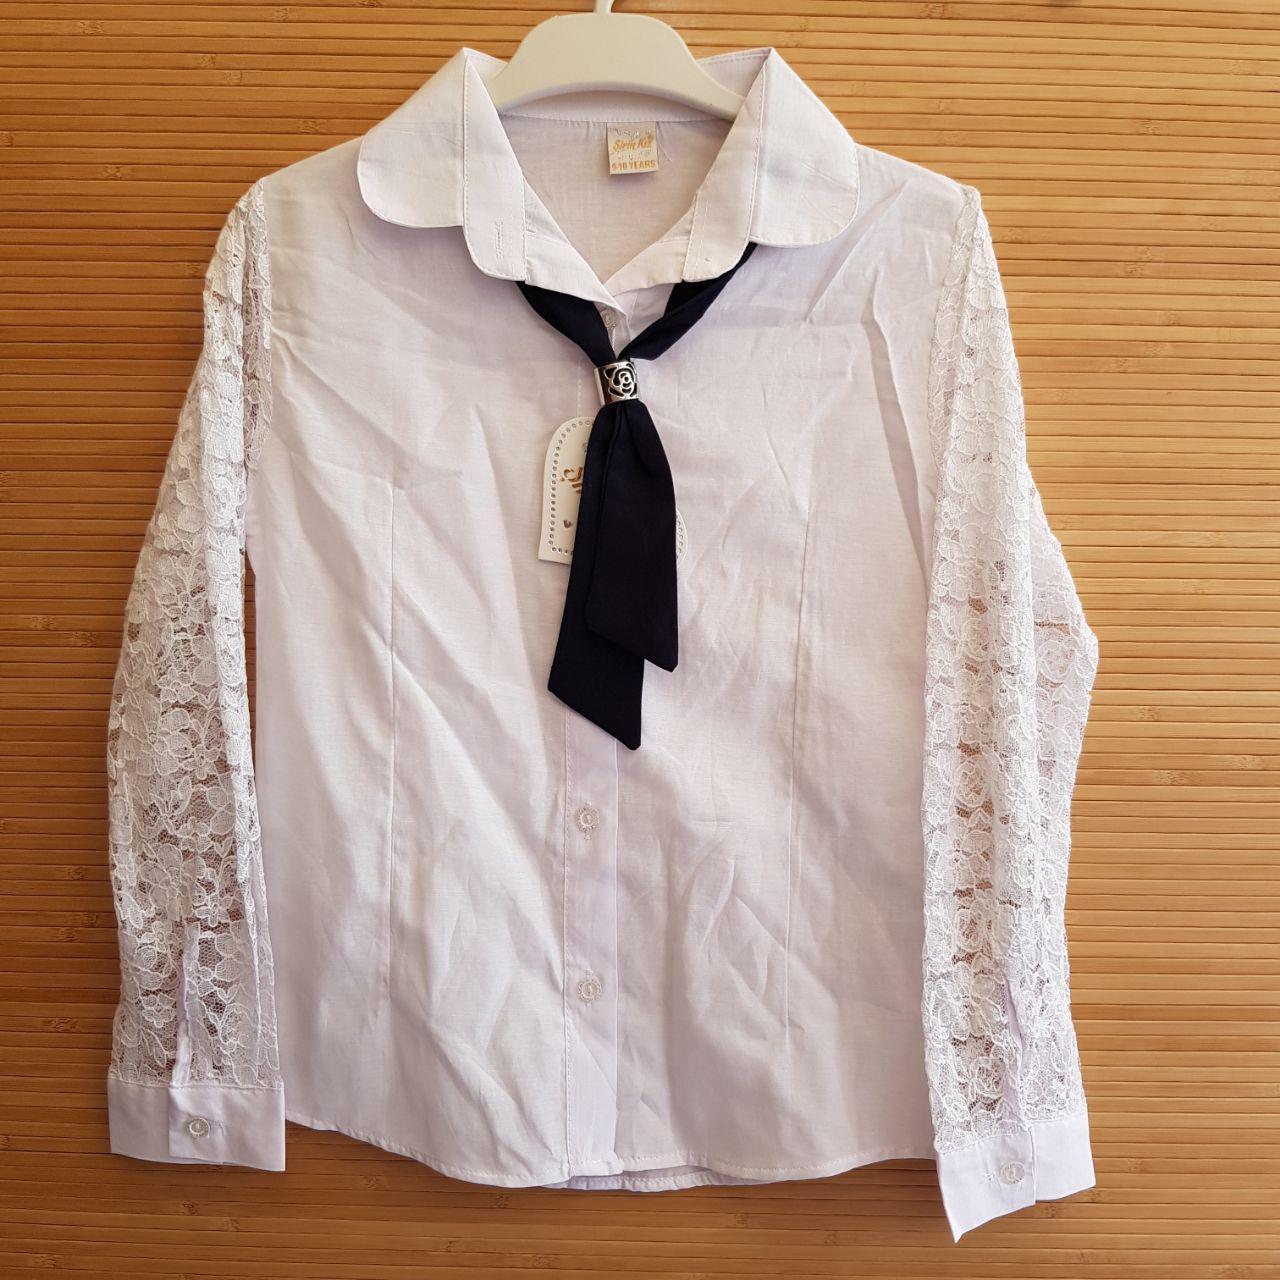 dd5c14937173 Заказать Школьная блуза для девочек 6-9 лет.Оптом. Турция. (2020) в ...